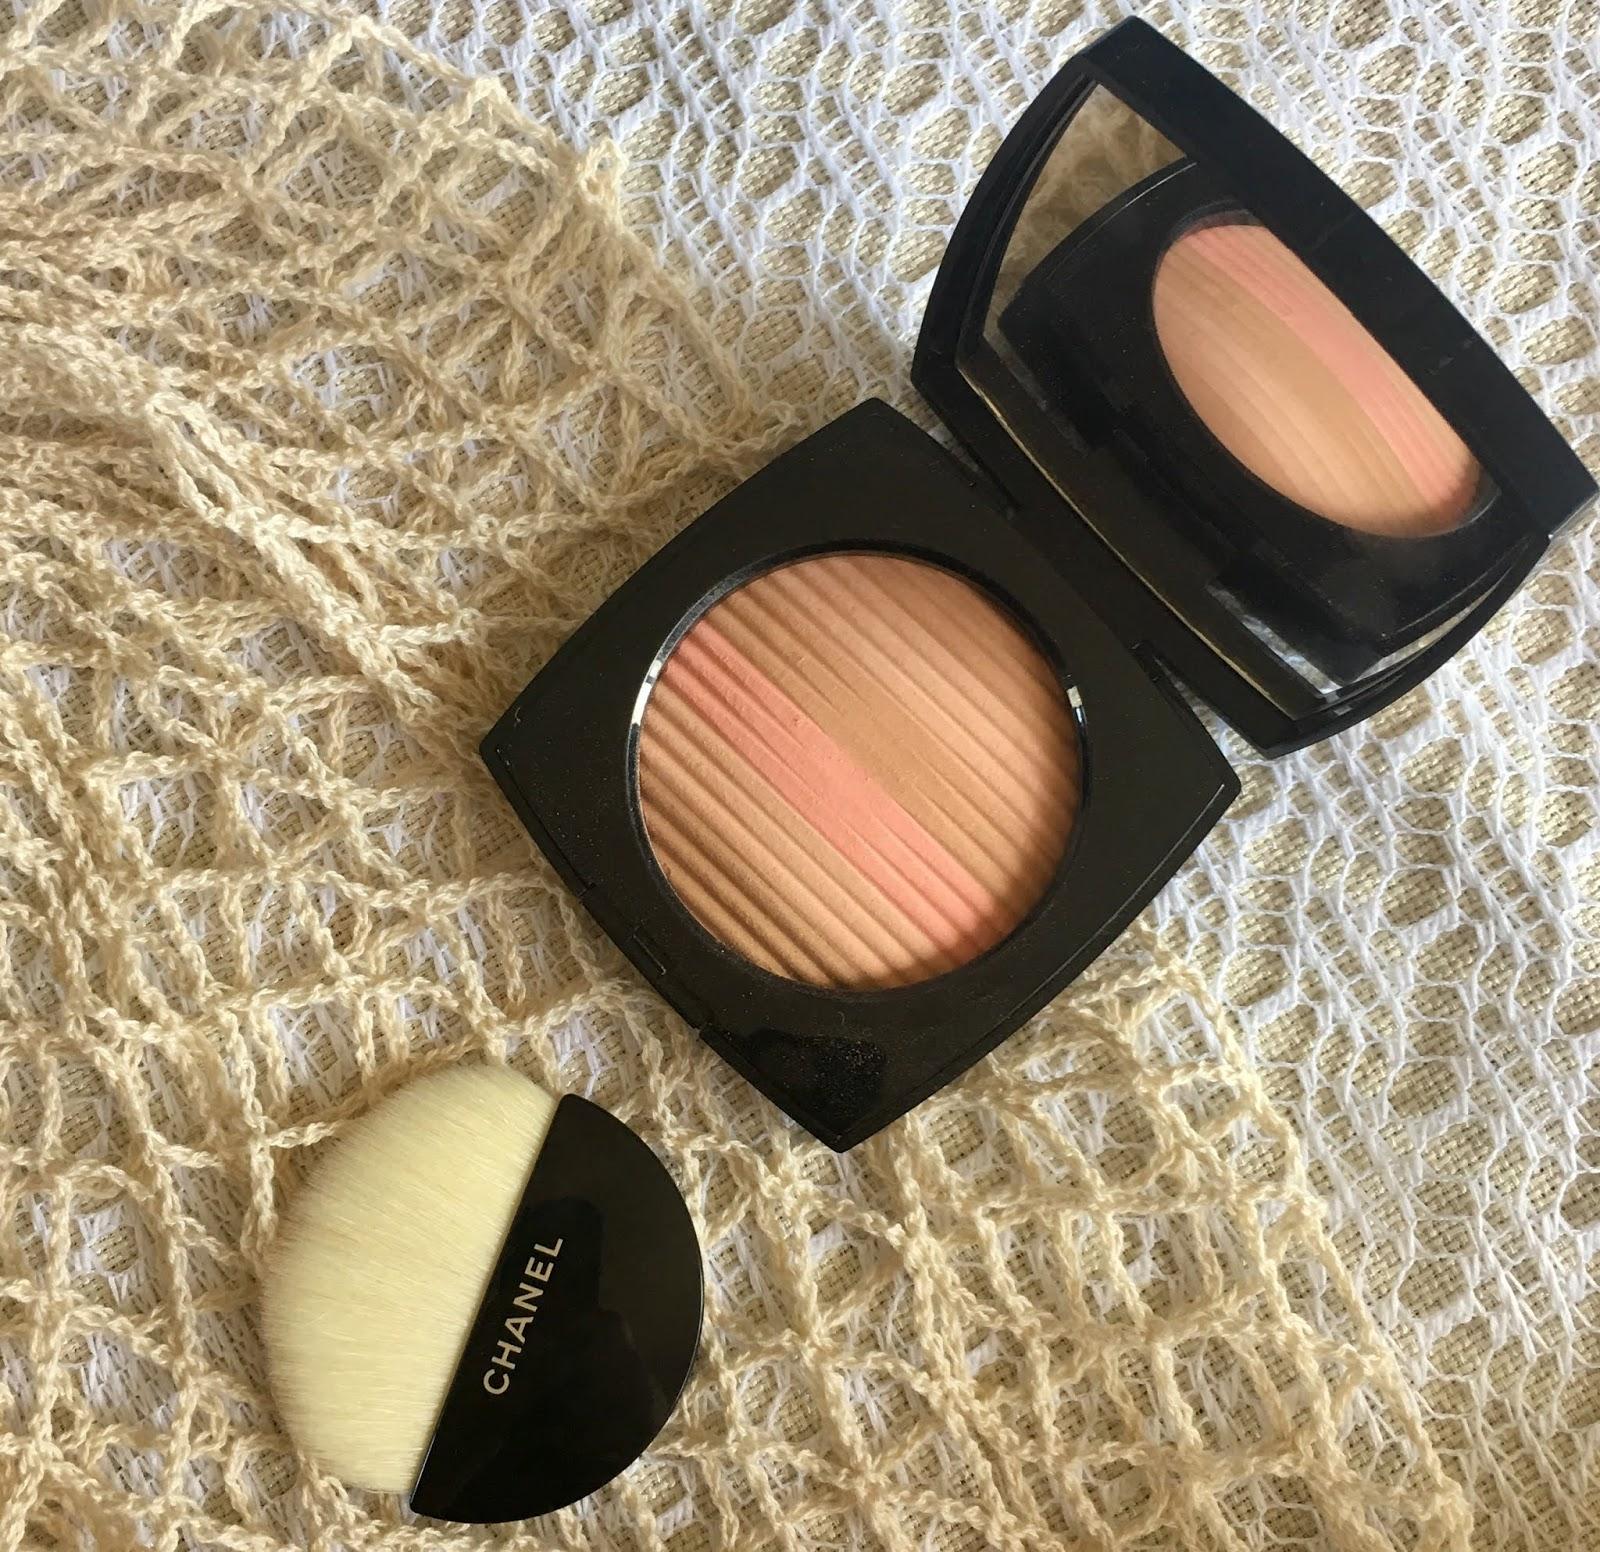 b3408339d1e Chanel Les Beiges Healthy Glow Luminous Multi-Colour Powder